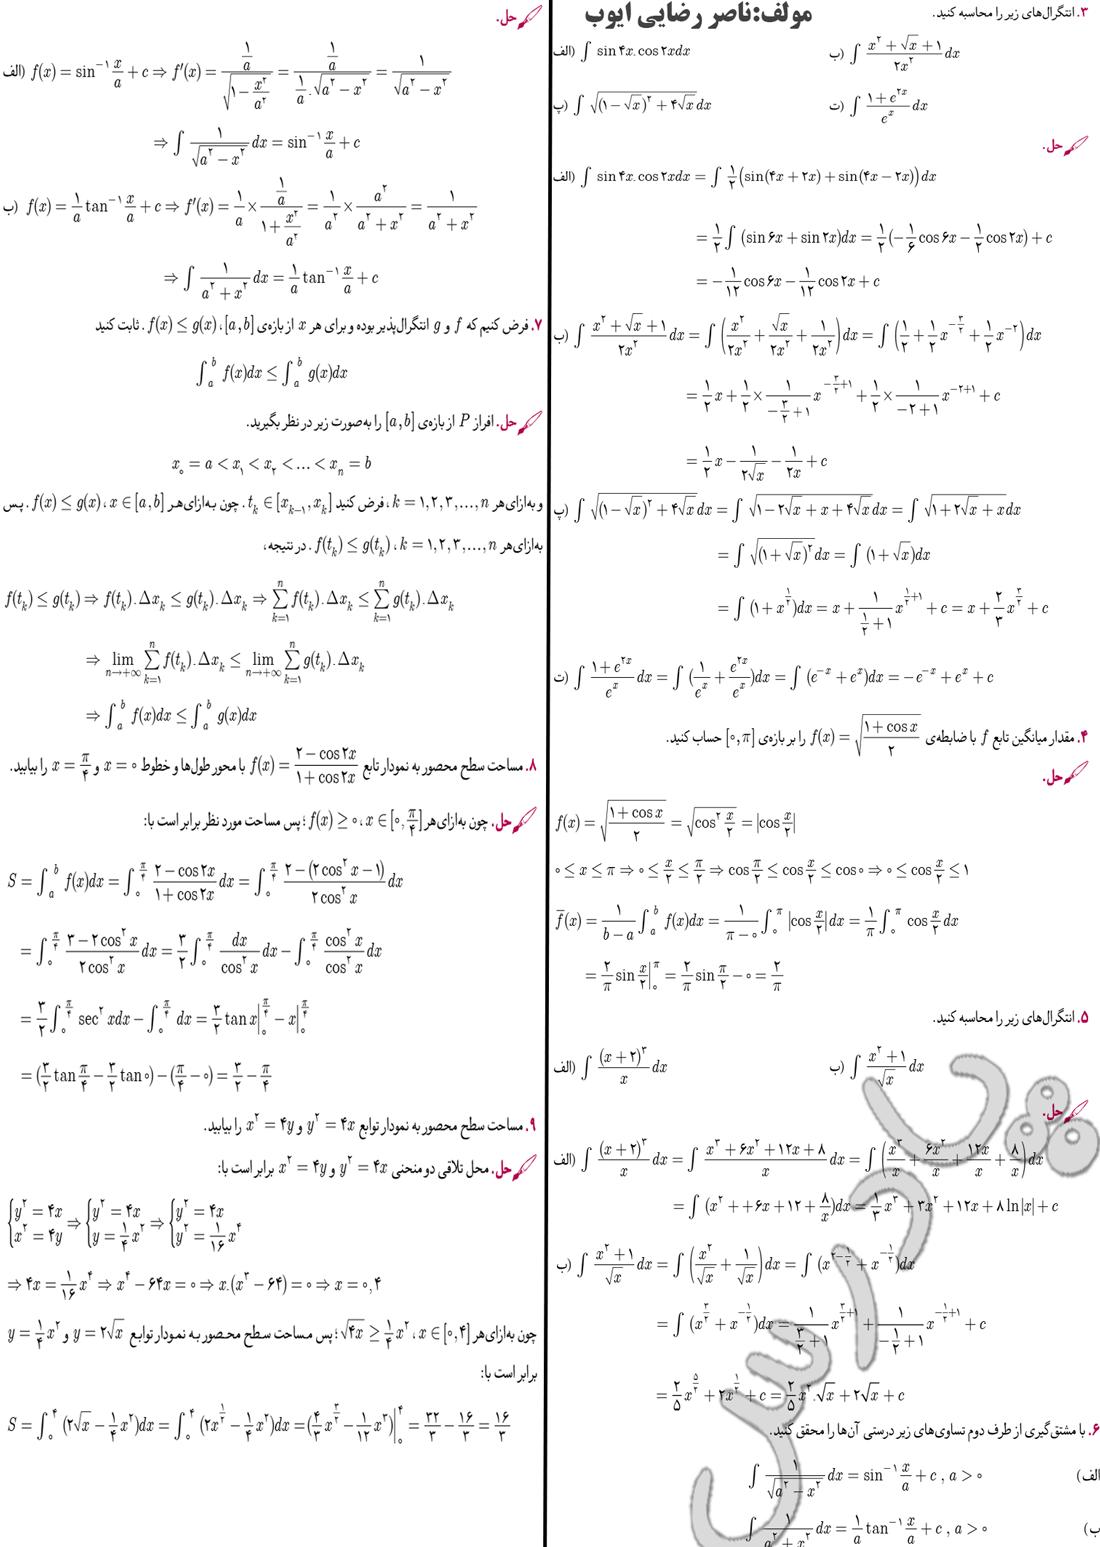 ادامه حل مسائل صفحه 248 دیفرانسیل پیش دانشگاهی